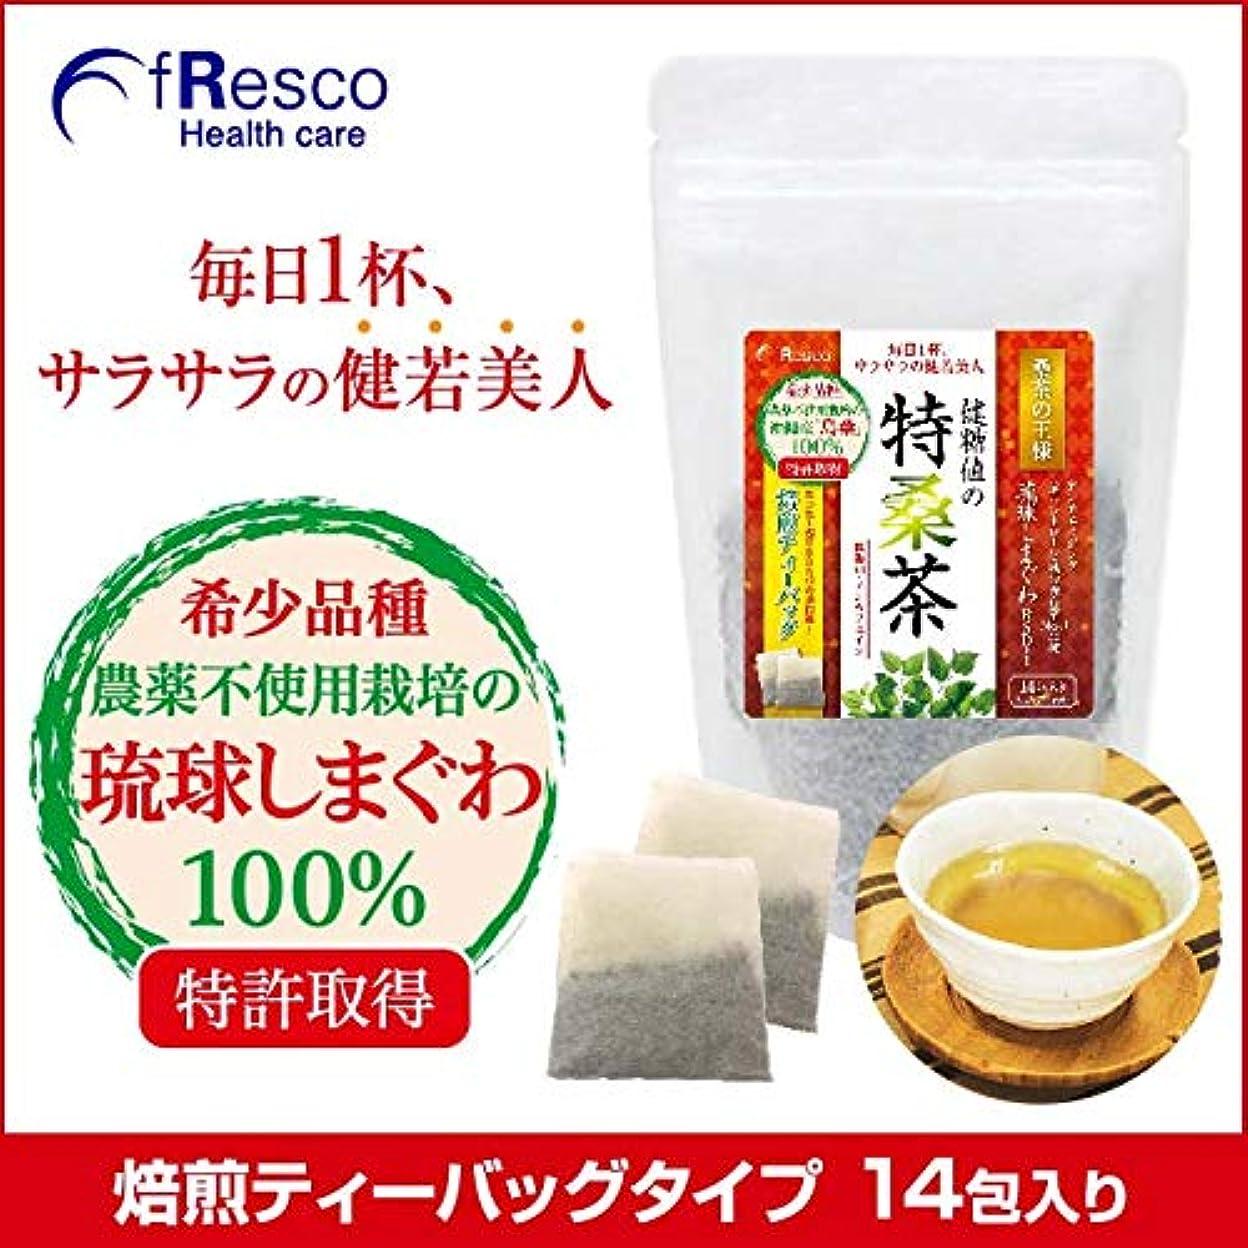 肺炎連邦異常琉球しまぐわ 健糖値の特桑茶 焙煎ティーバック